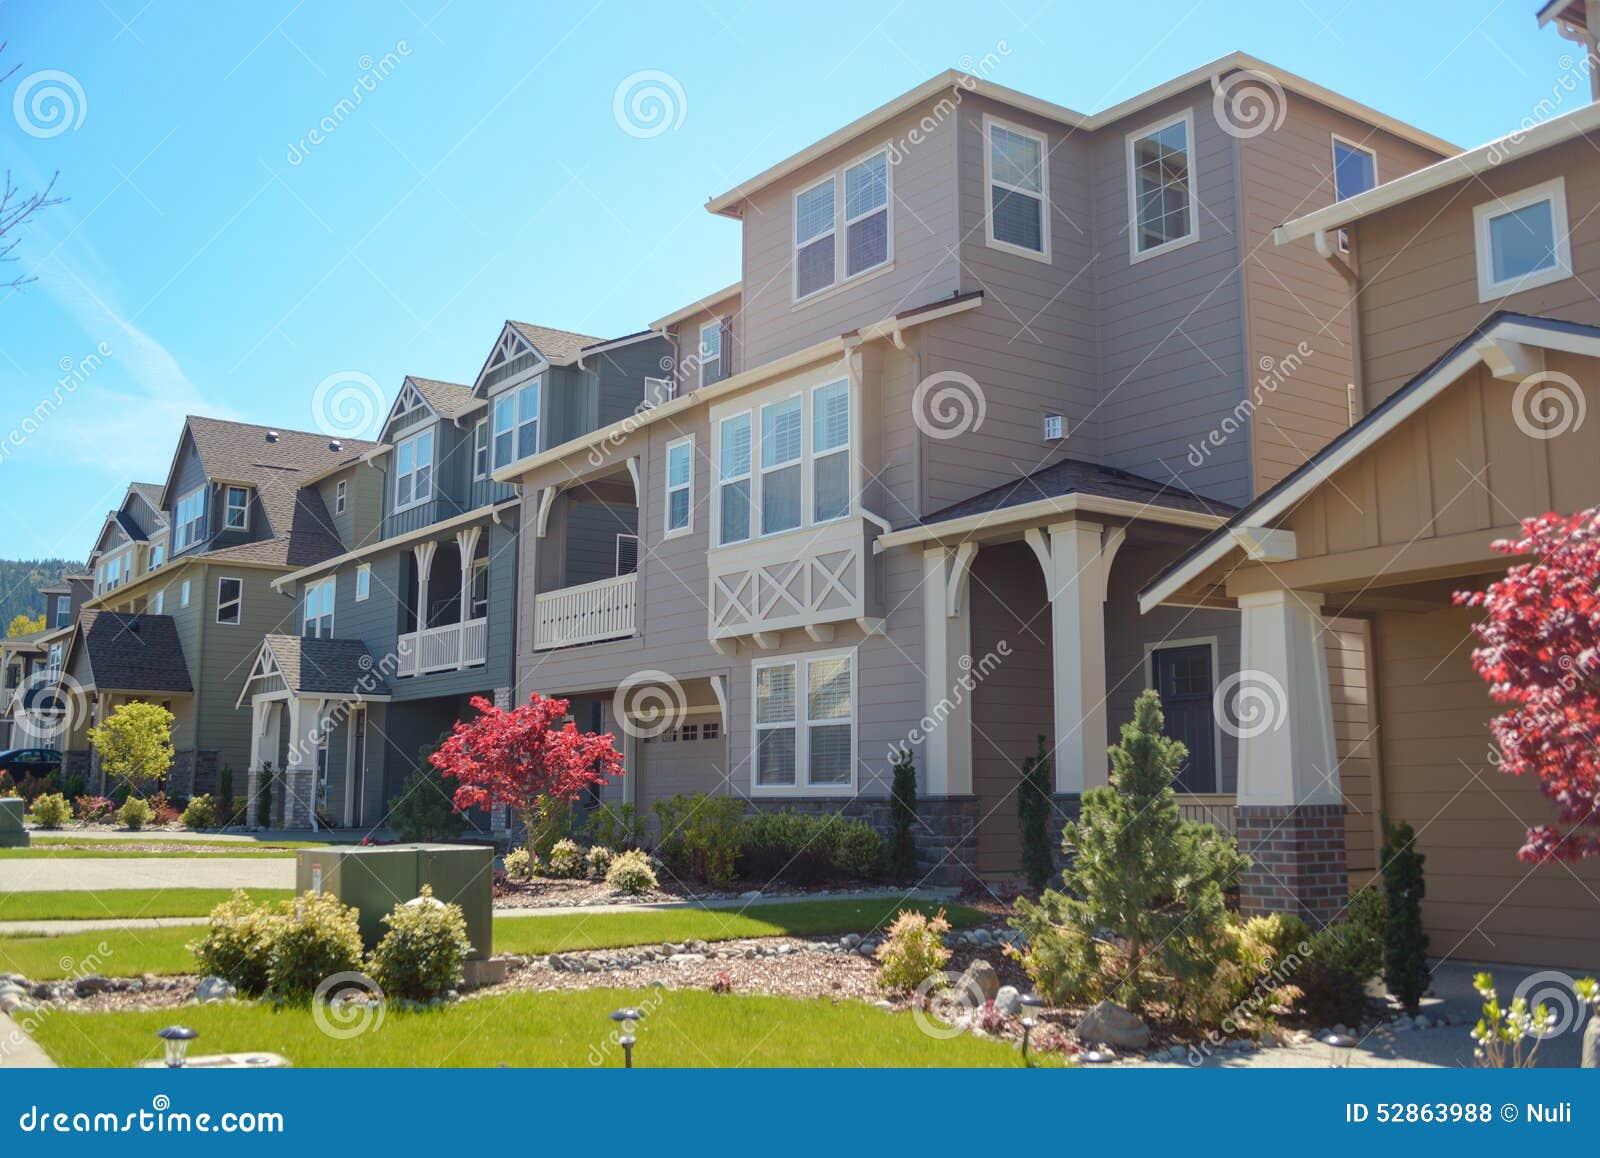 Zeitgenössische Häuser In Amerika Stockfoto - Bild von rasen, garage ...